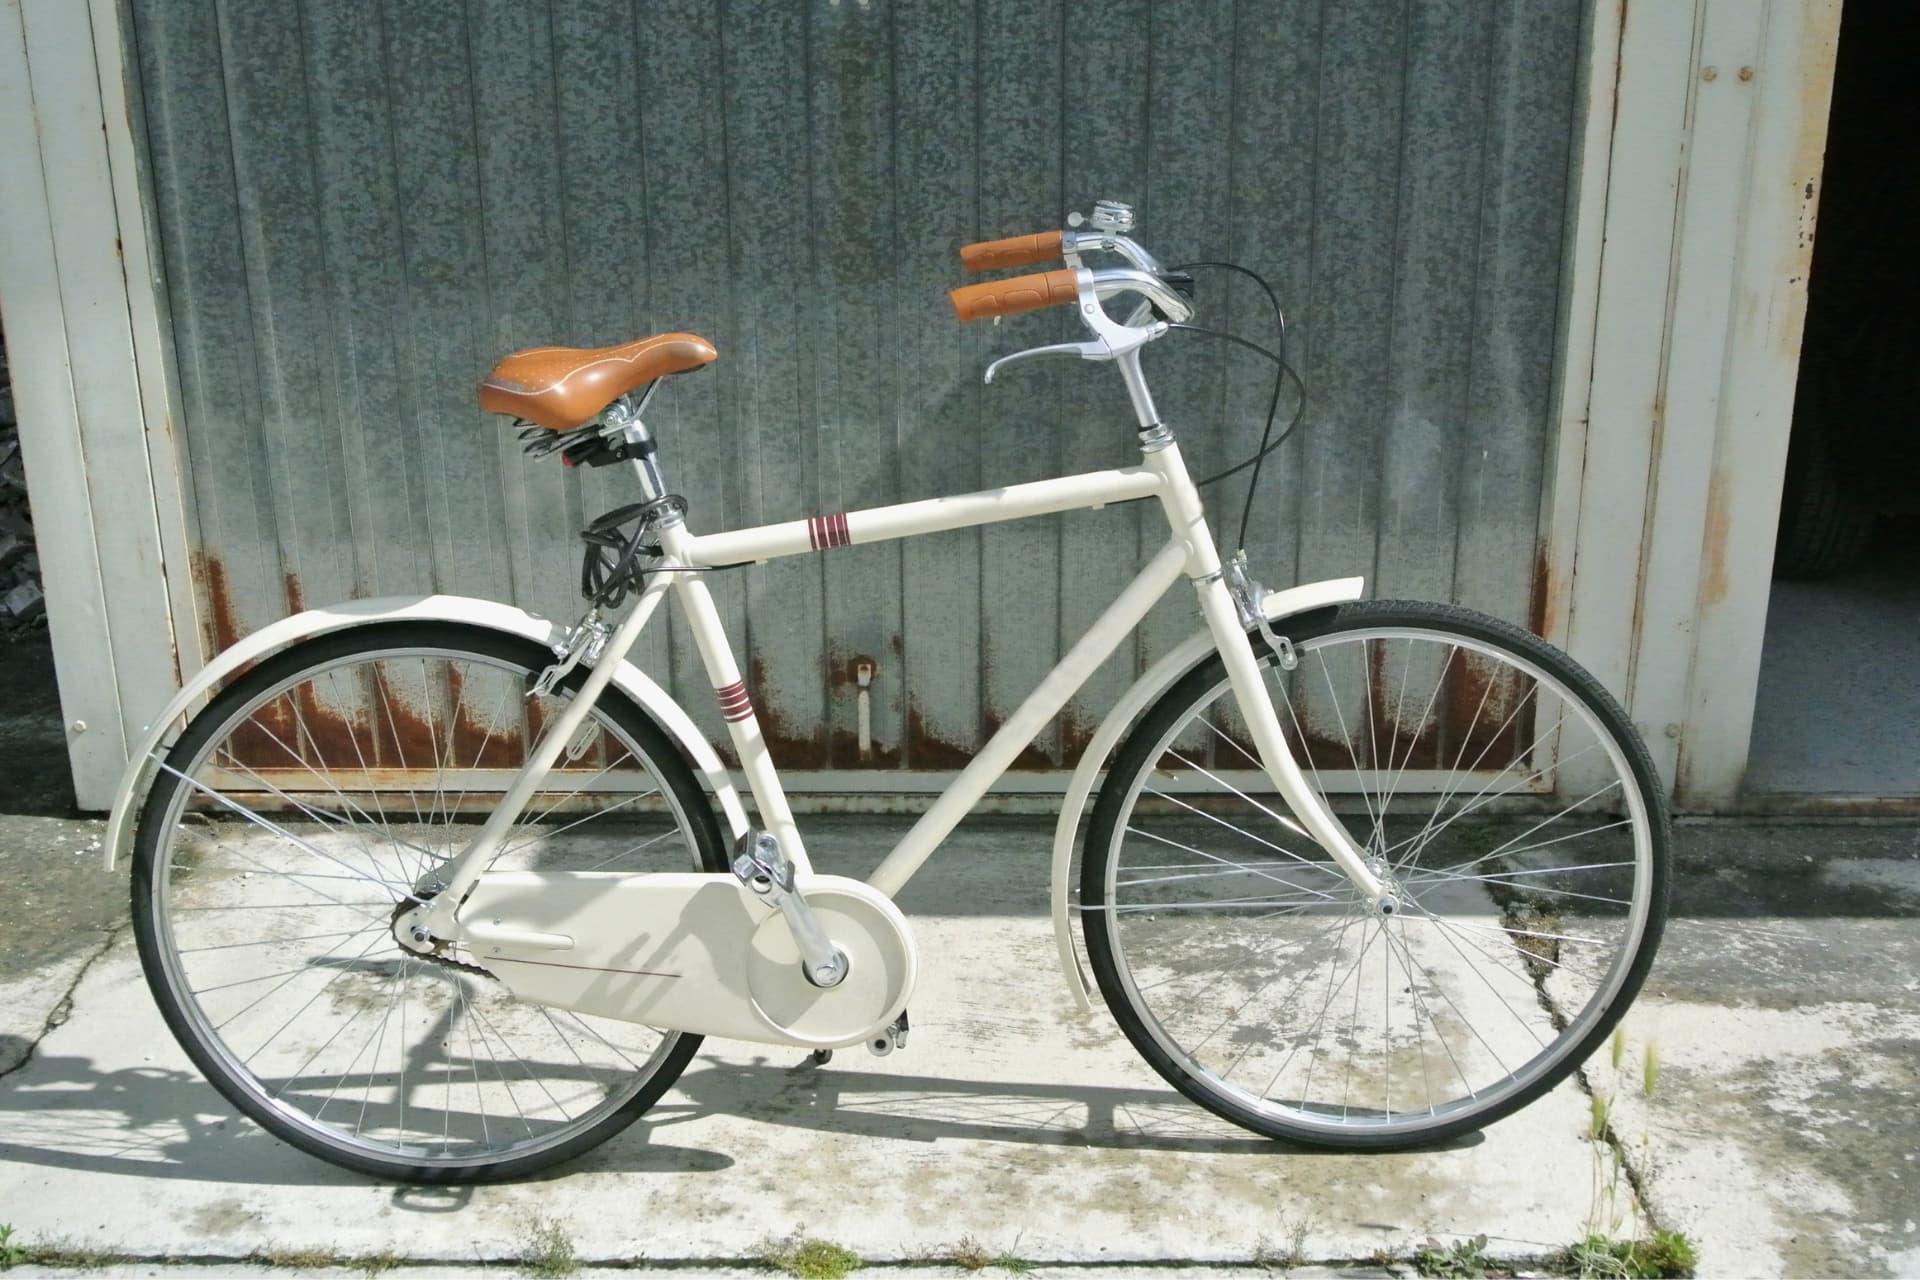 akcesoria do roweru miejskiego w stylu minimalistycznym